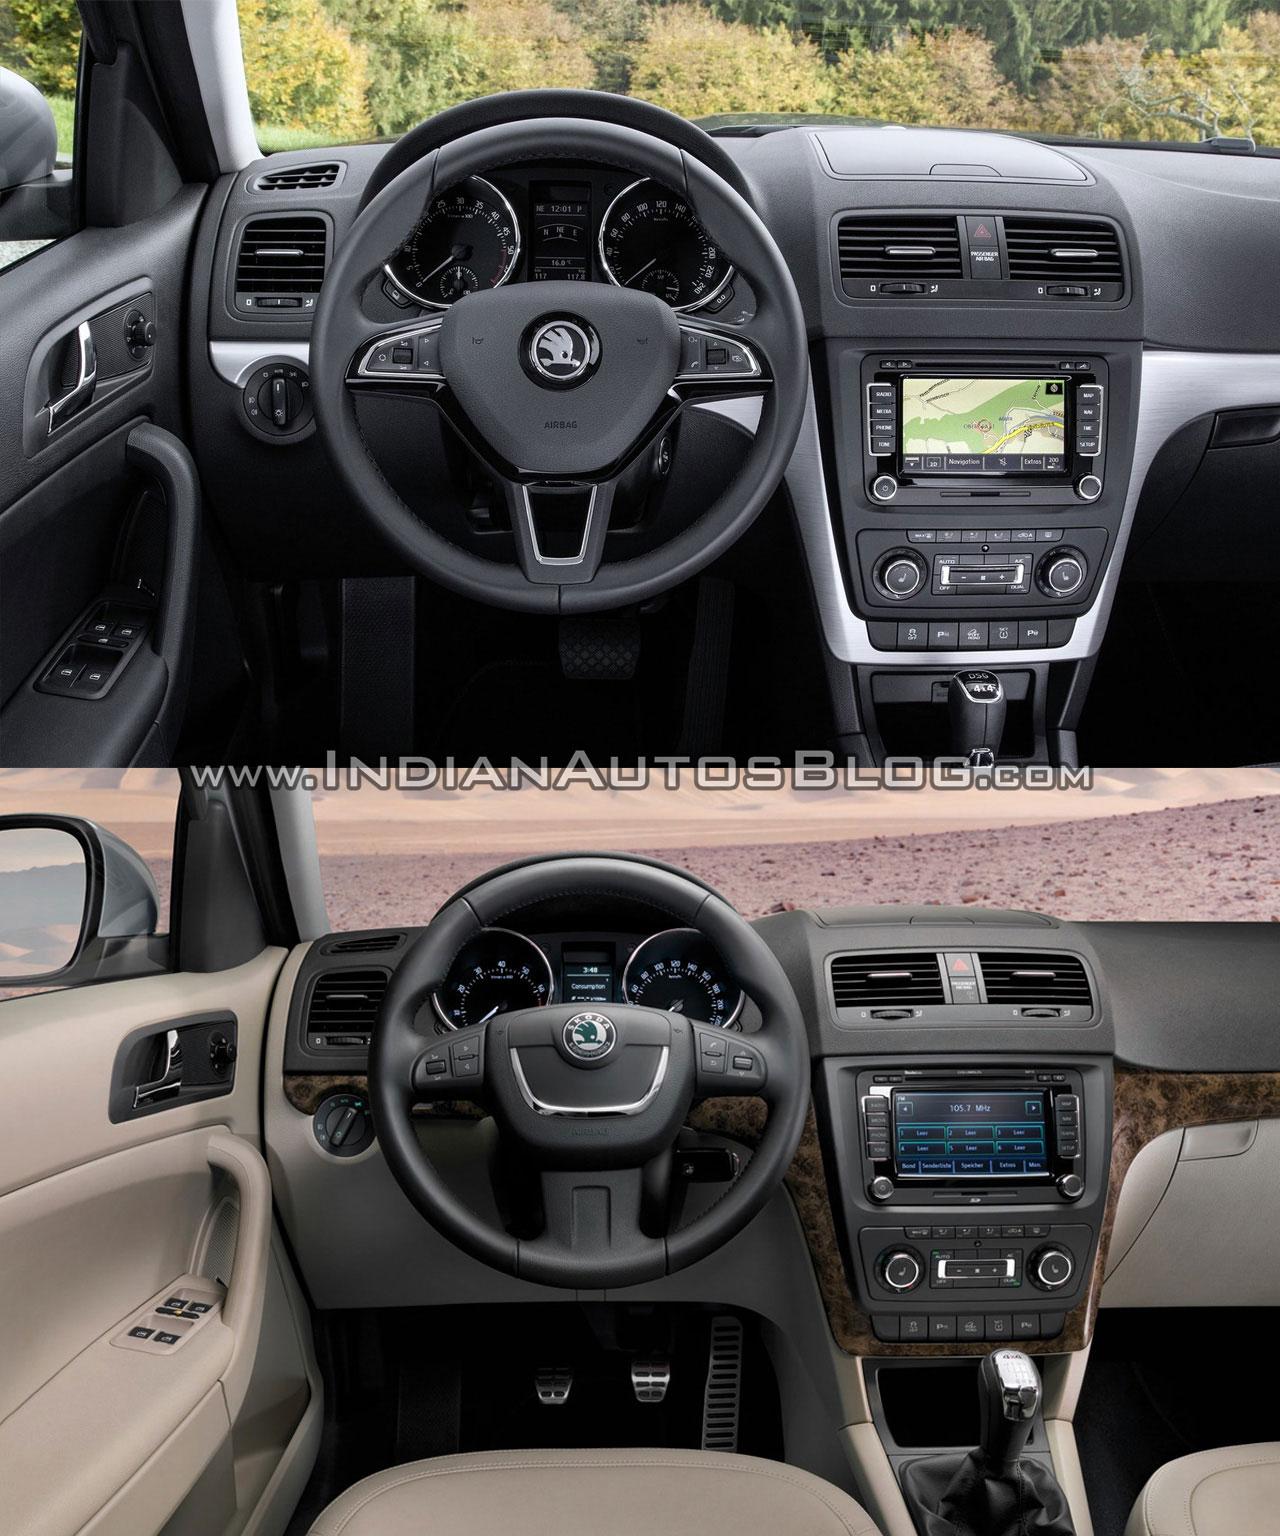 2014 Skoda Yeti facelift vs old Skoda Yeti interior